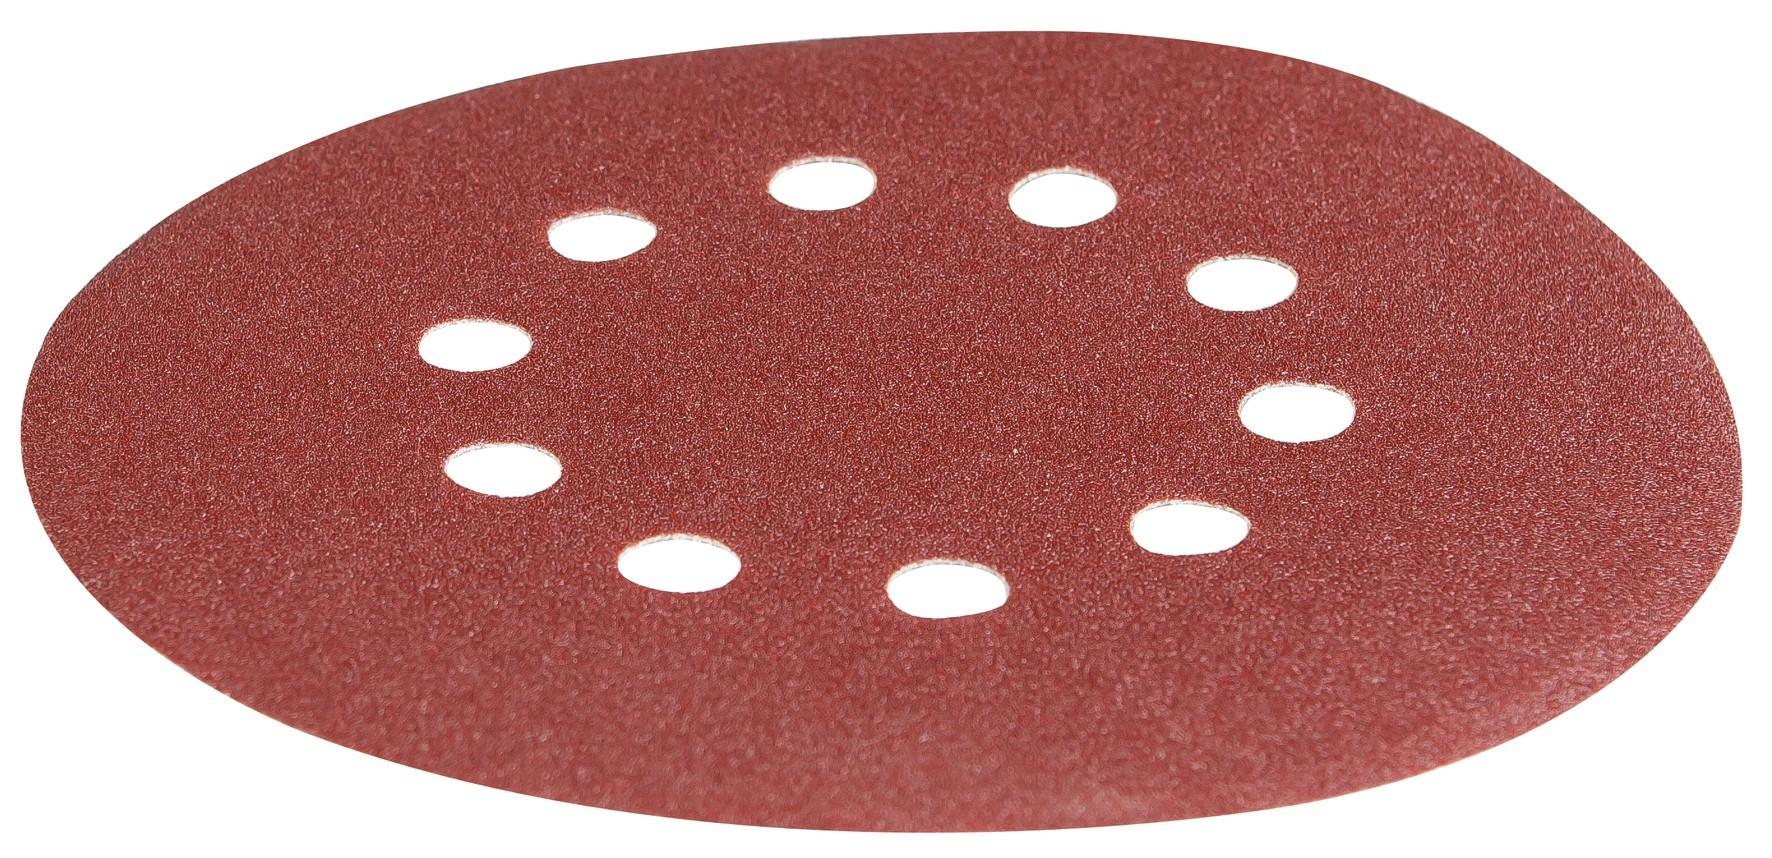 Schleifpapier Ø 215 mm K 120 Scheppach Trockenbauschleifer Bild 1